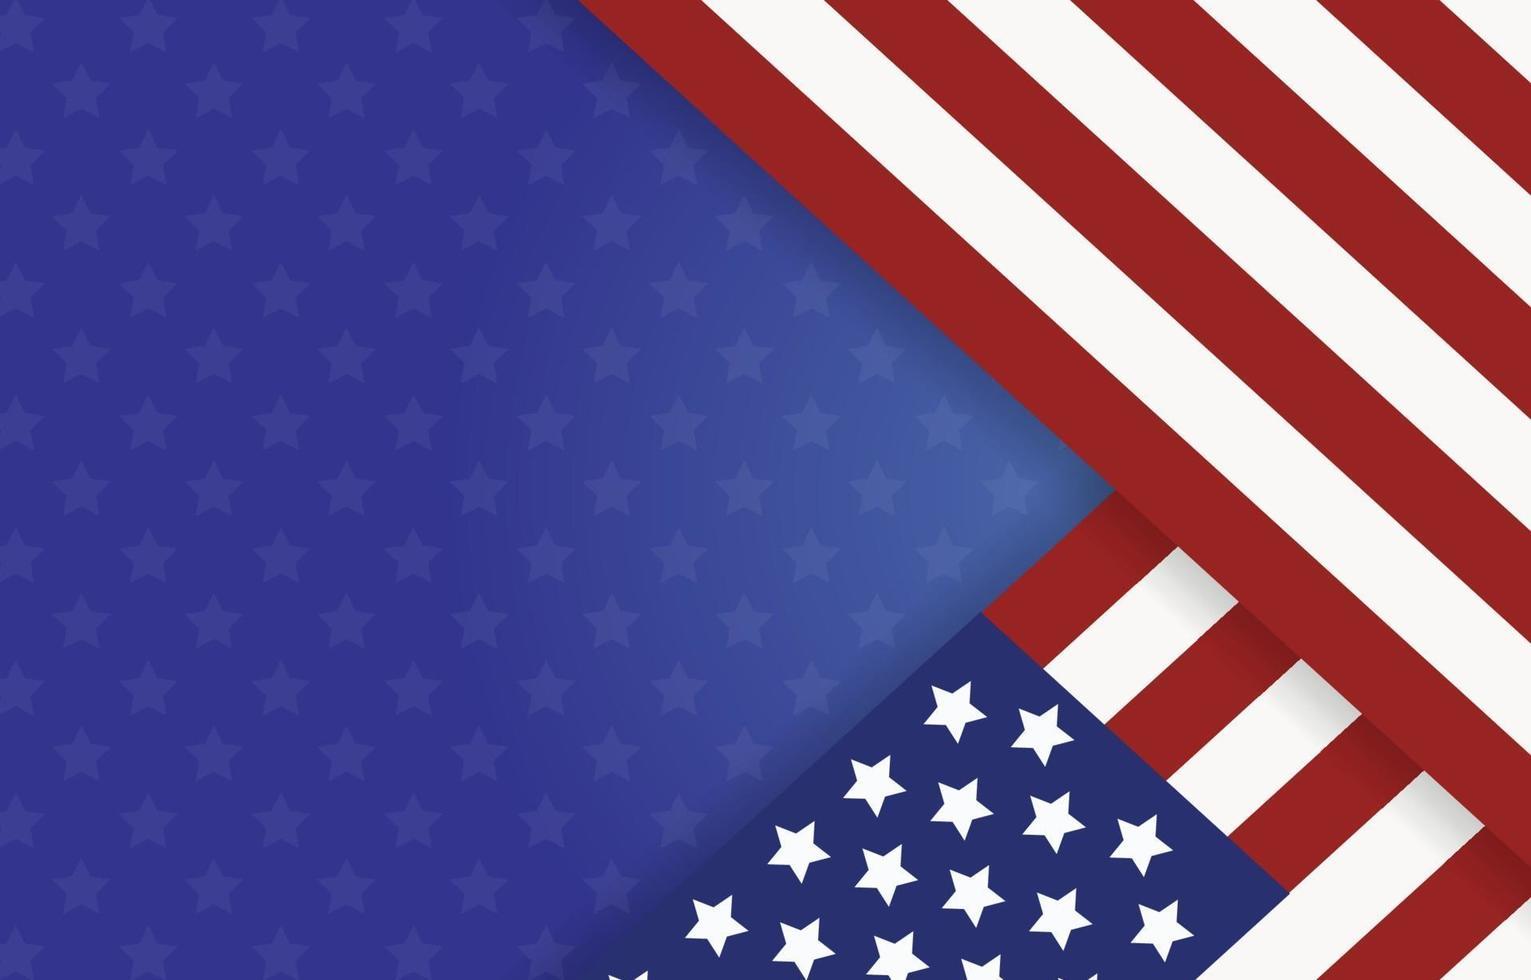 fond de drapeau américain vecteur